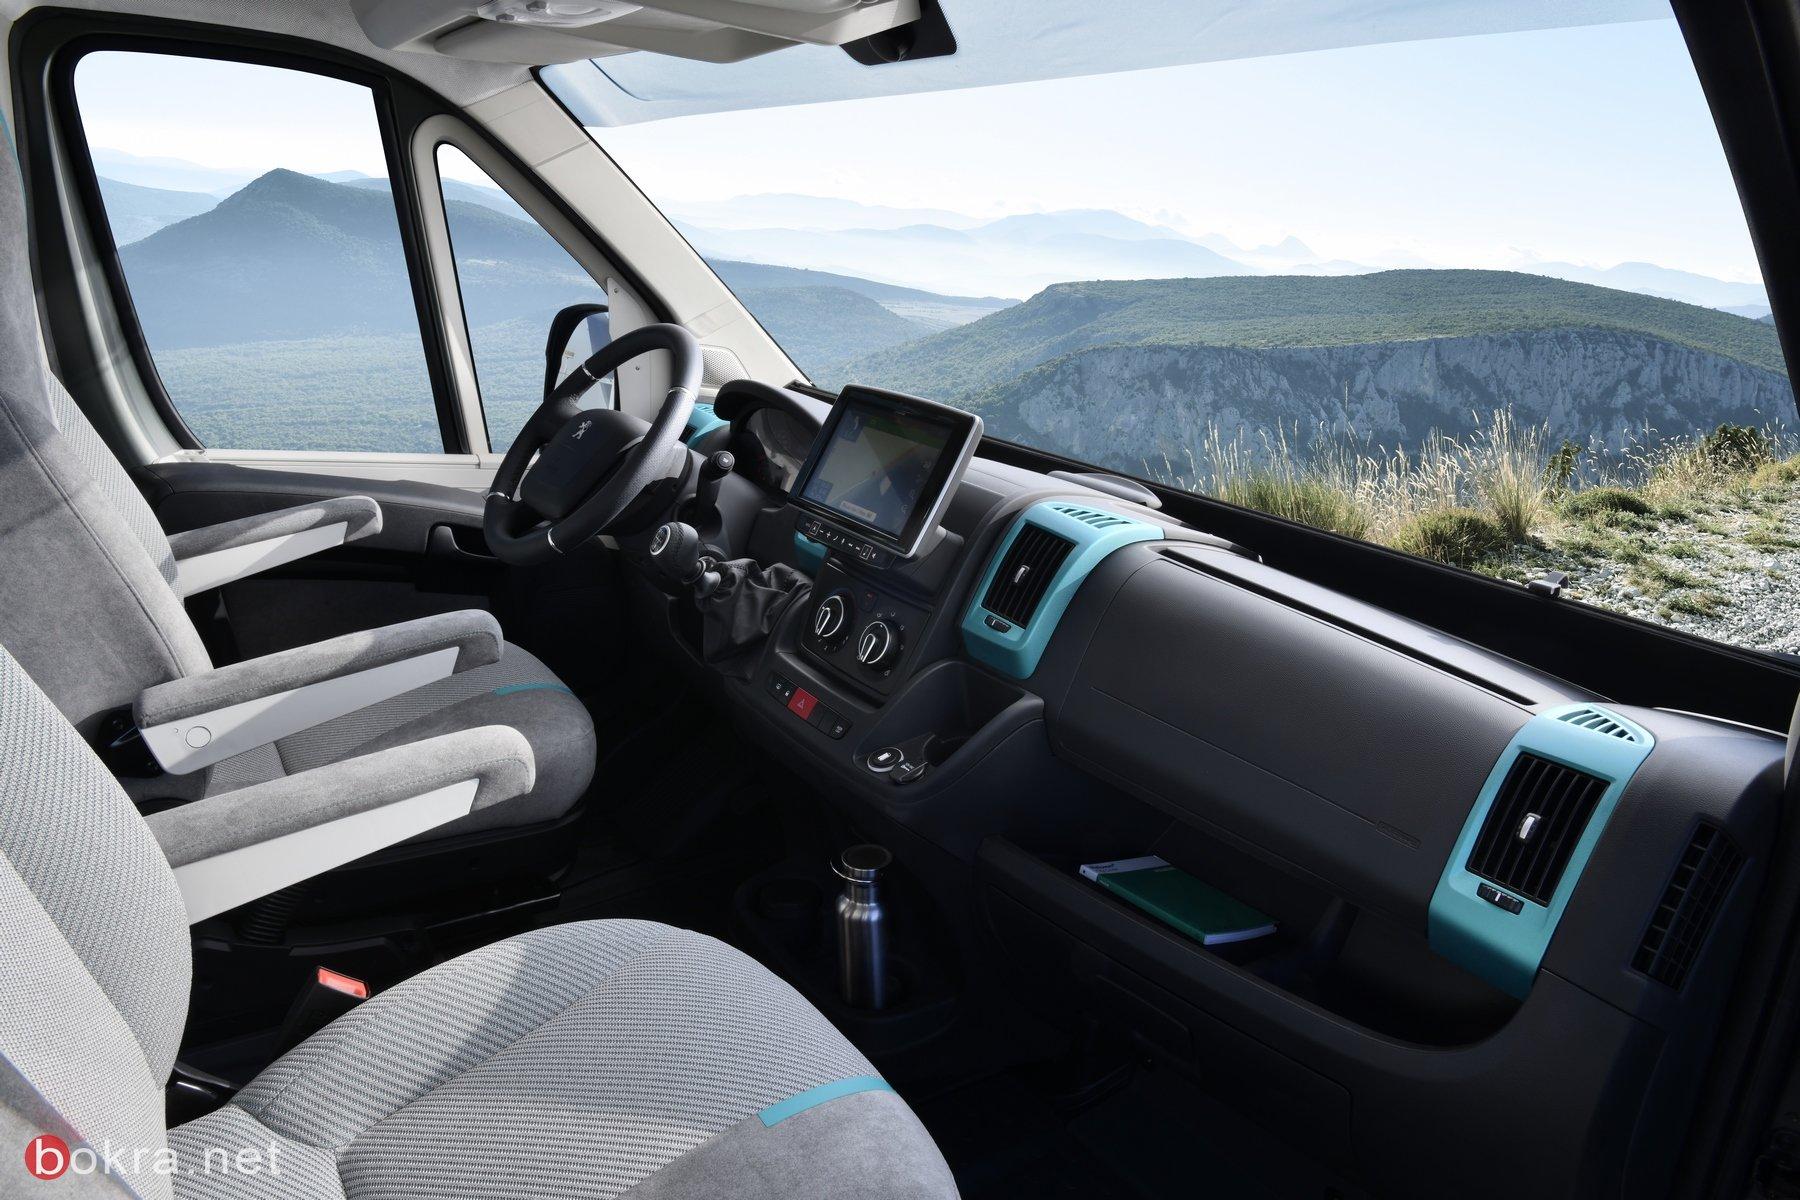 'بيجو' تكشف عن مركبة 'بوكسر' رباعية الدفع النموذجية الجديدة